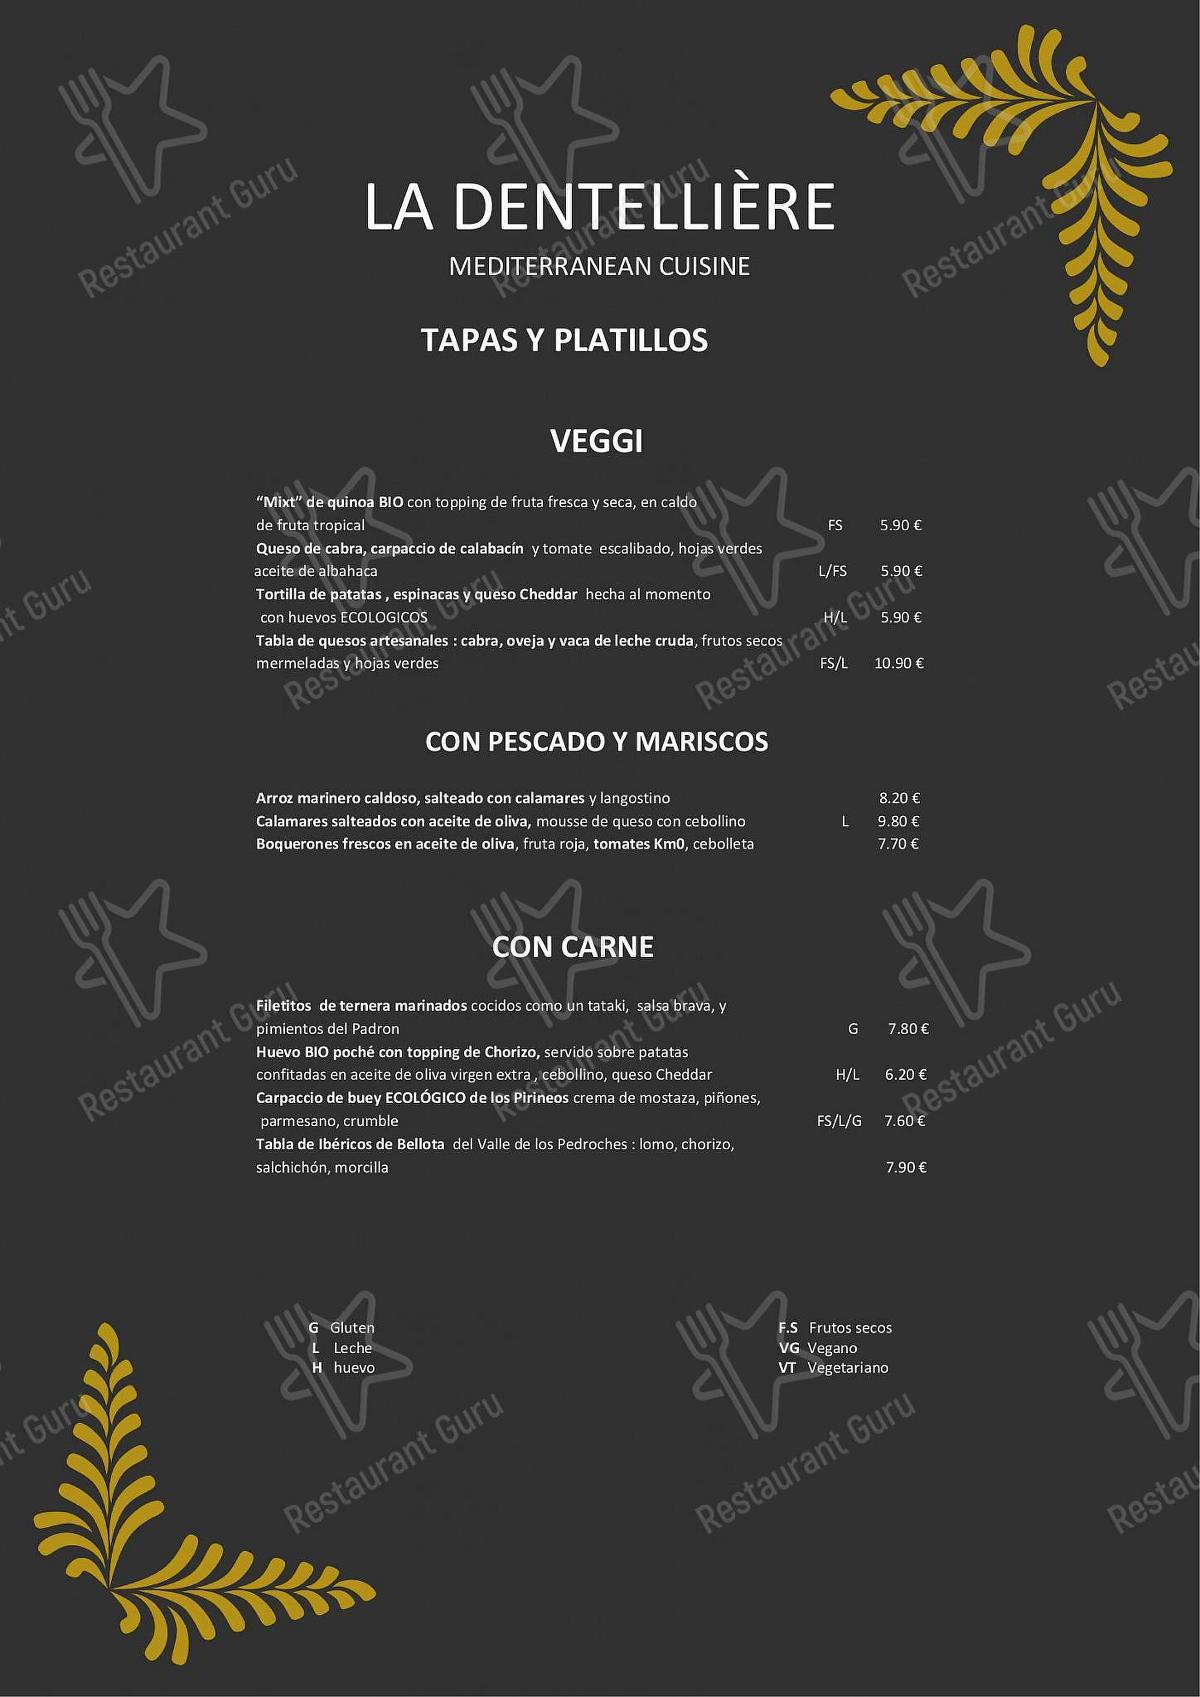 Check out the menu for La Dentellière